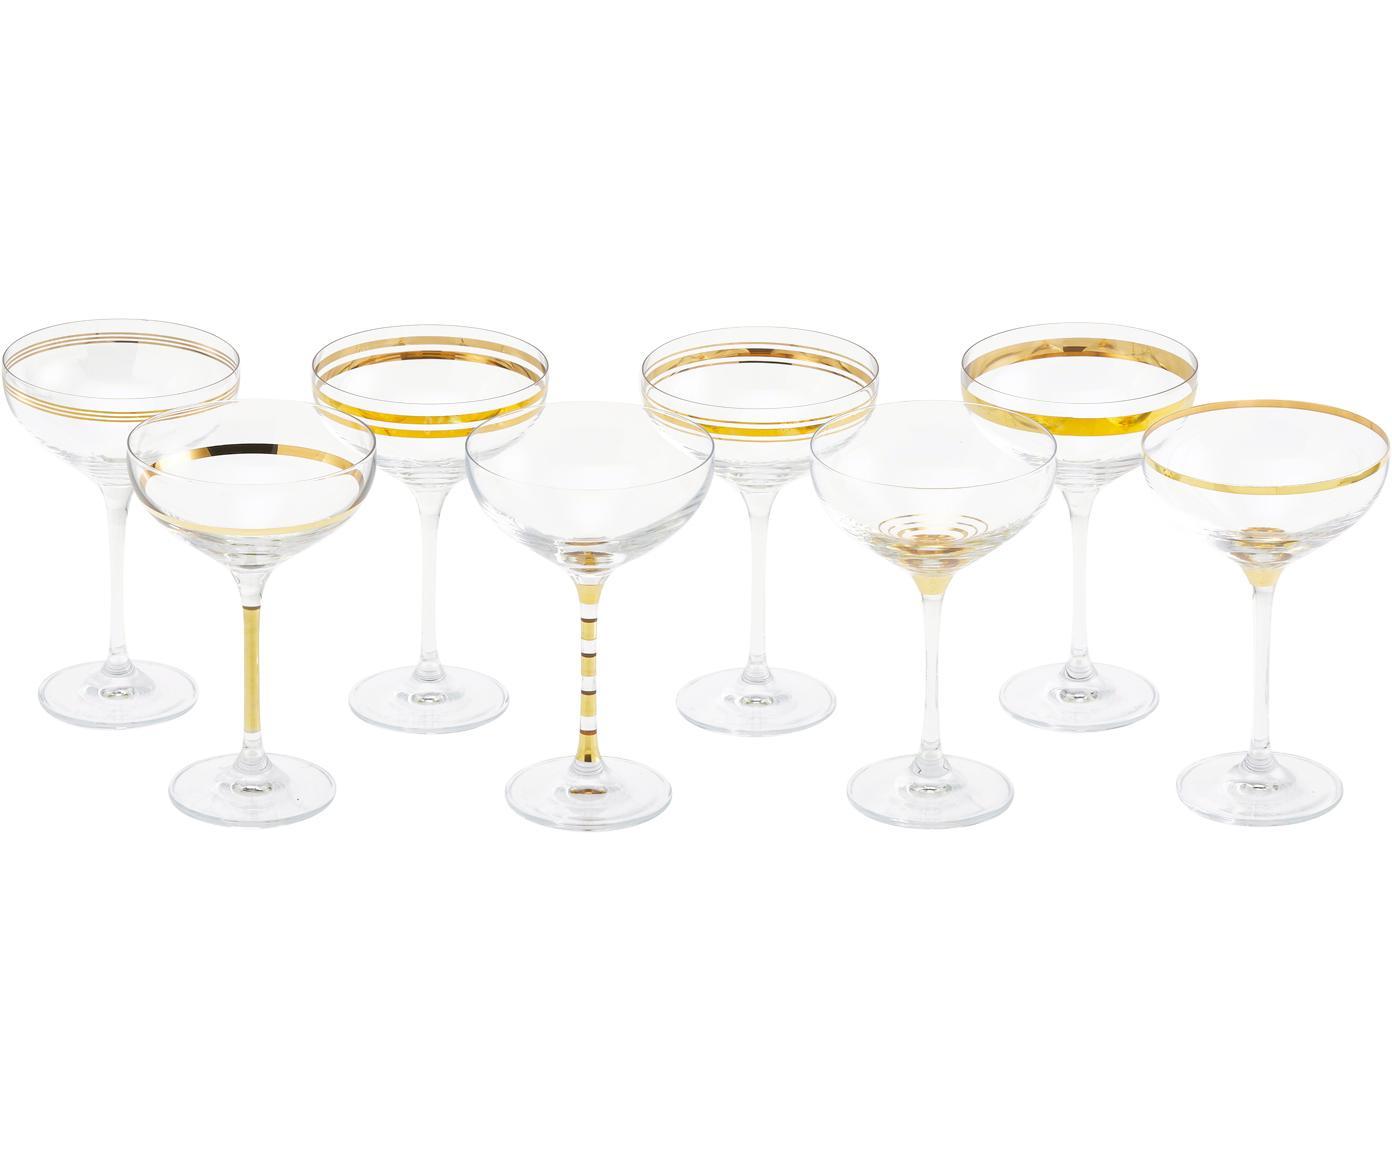 Set di 8 coppe da champagne Deco, Vetro, Trasparente, dorato, Ø 11 x Alt. 17 cm